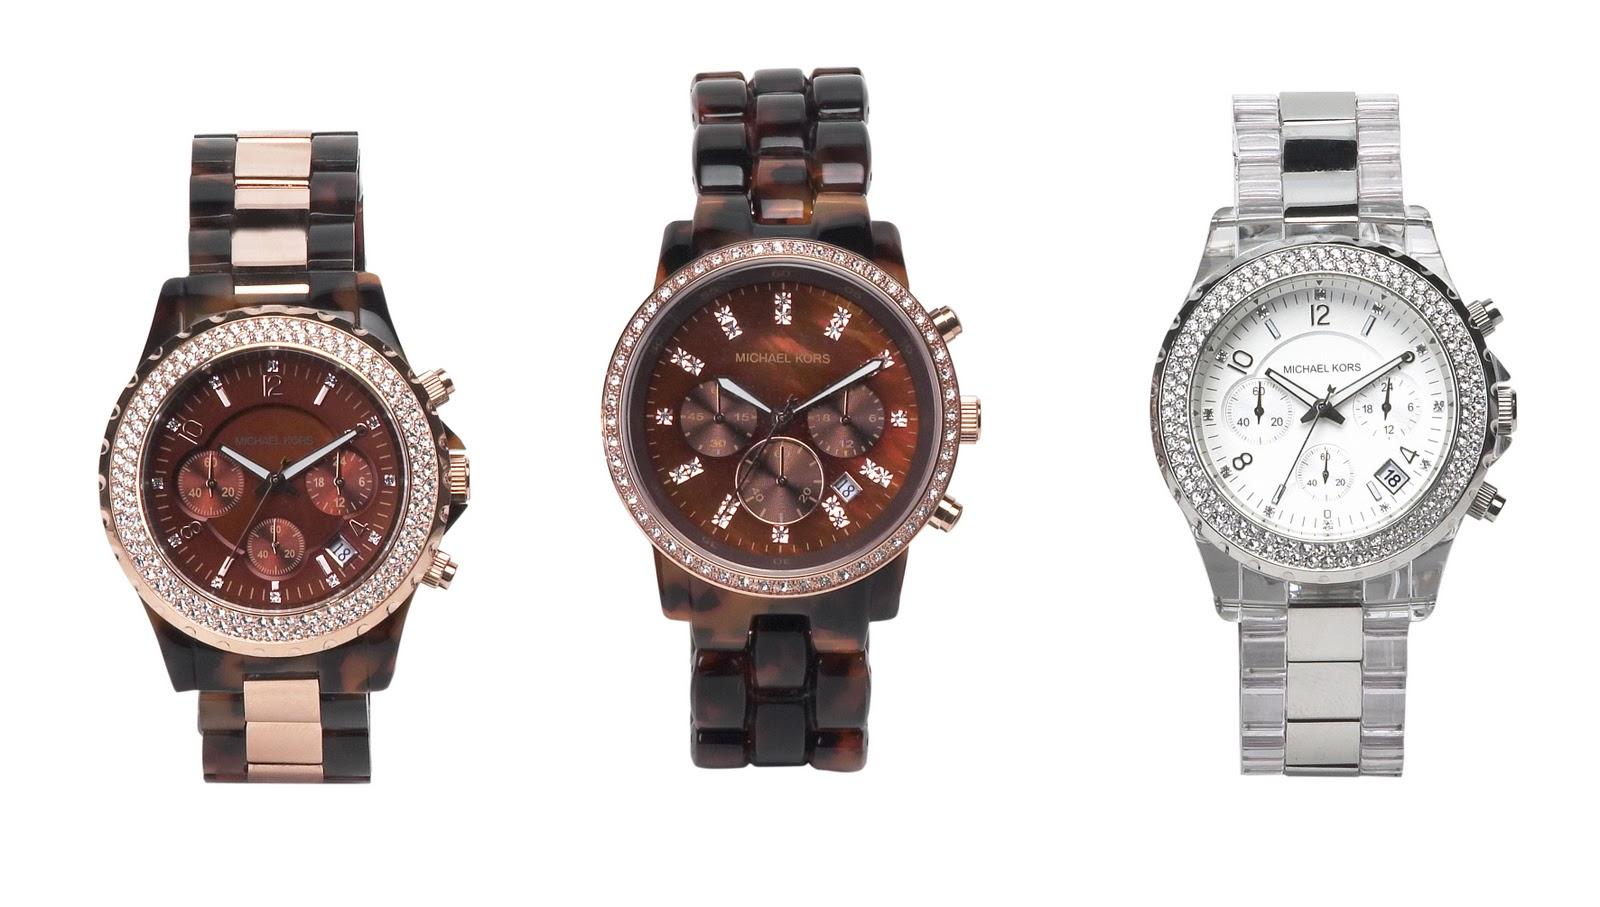 Agenzia omniapress da fossil anche in italia gli orologi for Pietro milano orologi